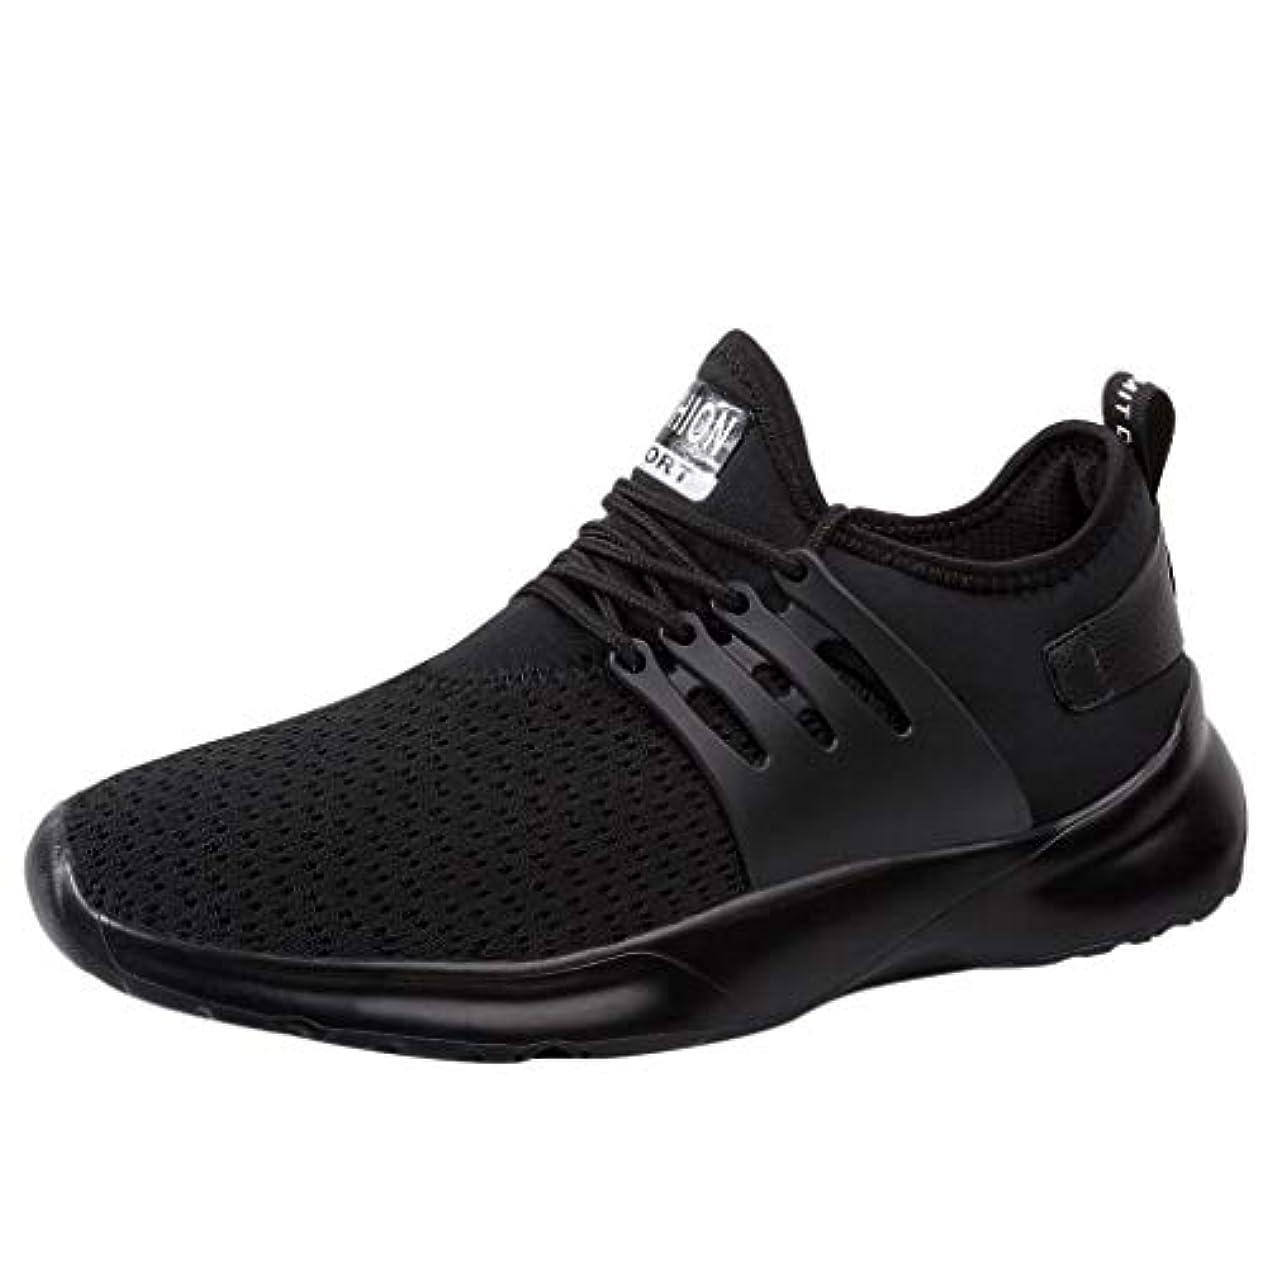 救急車賢明なフィットKauneus Fashion Shoes SHIRT ボーイズ